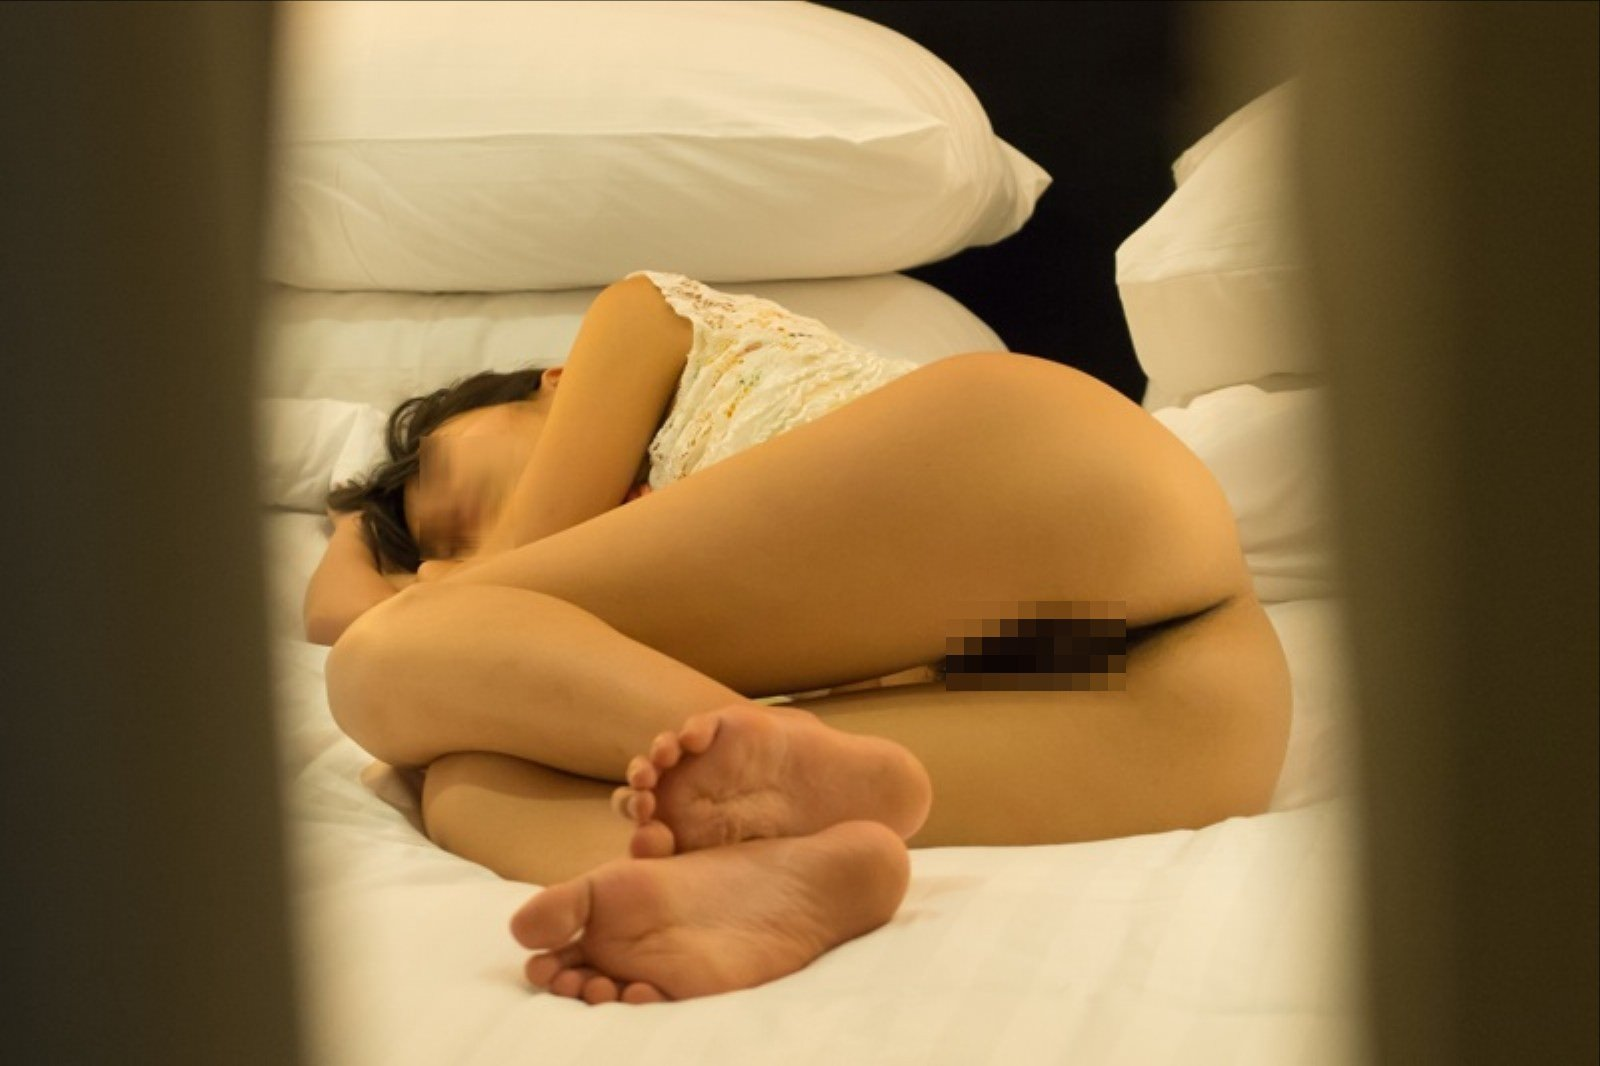 【素人画像】上半身だけ服来て寝てる彼女の生尻を勝手に撮影→ネット流出wwwwwwwwww 1188